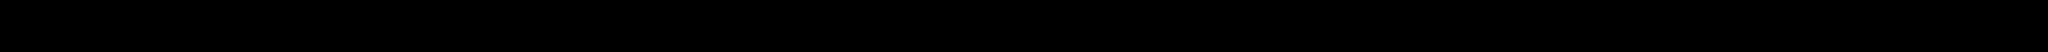 DENSO 99906-910X9020, I58, 1UNH 18 110, 1UXH 18 110, MZ602069 Zapalovací svíčka